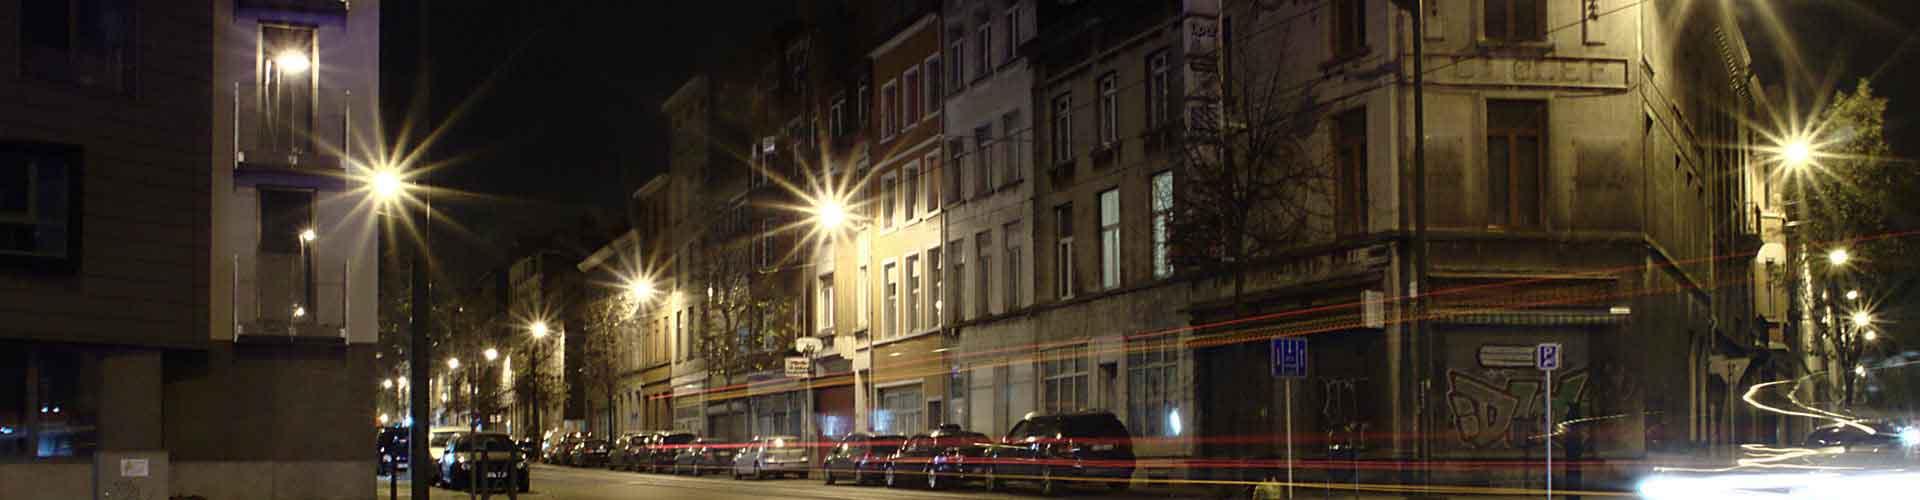 Brüsszel - Ifjúsági Szállások Molenbeek-Saint-Jean városrészen. Brüsszel térképek, fotók, és ajánlások minden egyes Ifjúsági Szállásra: Brüsszel